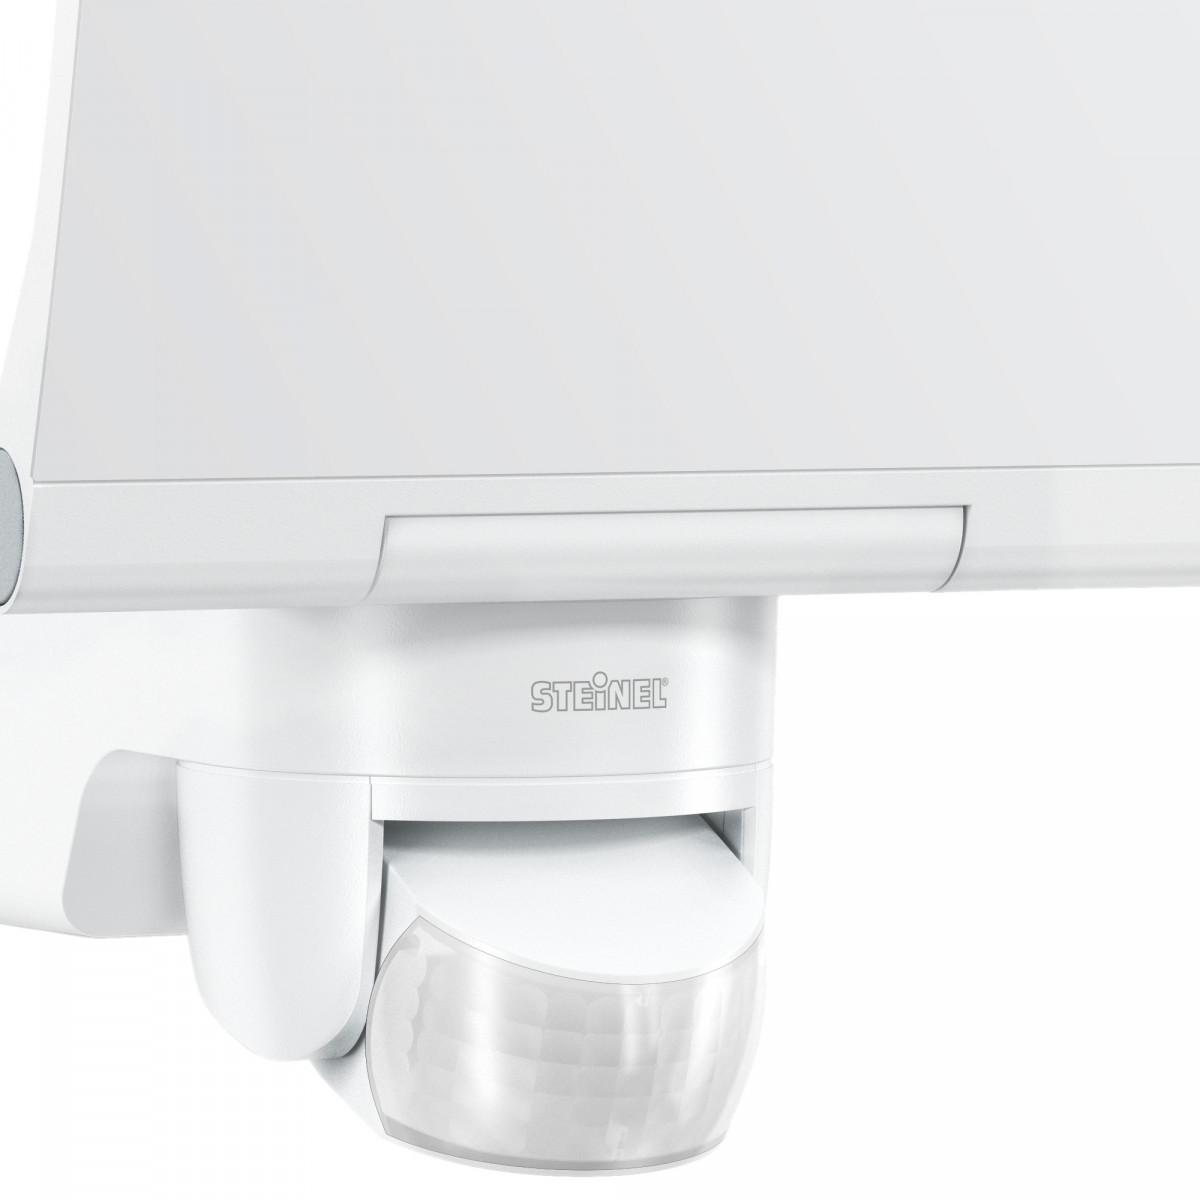 Steinel LED straler XLED home 2 wit